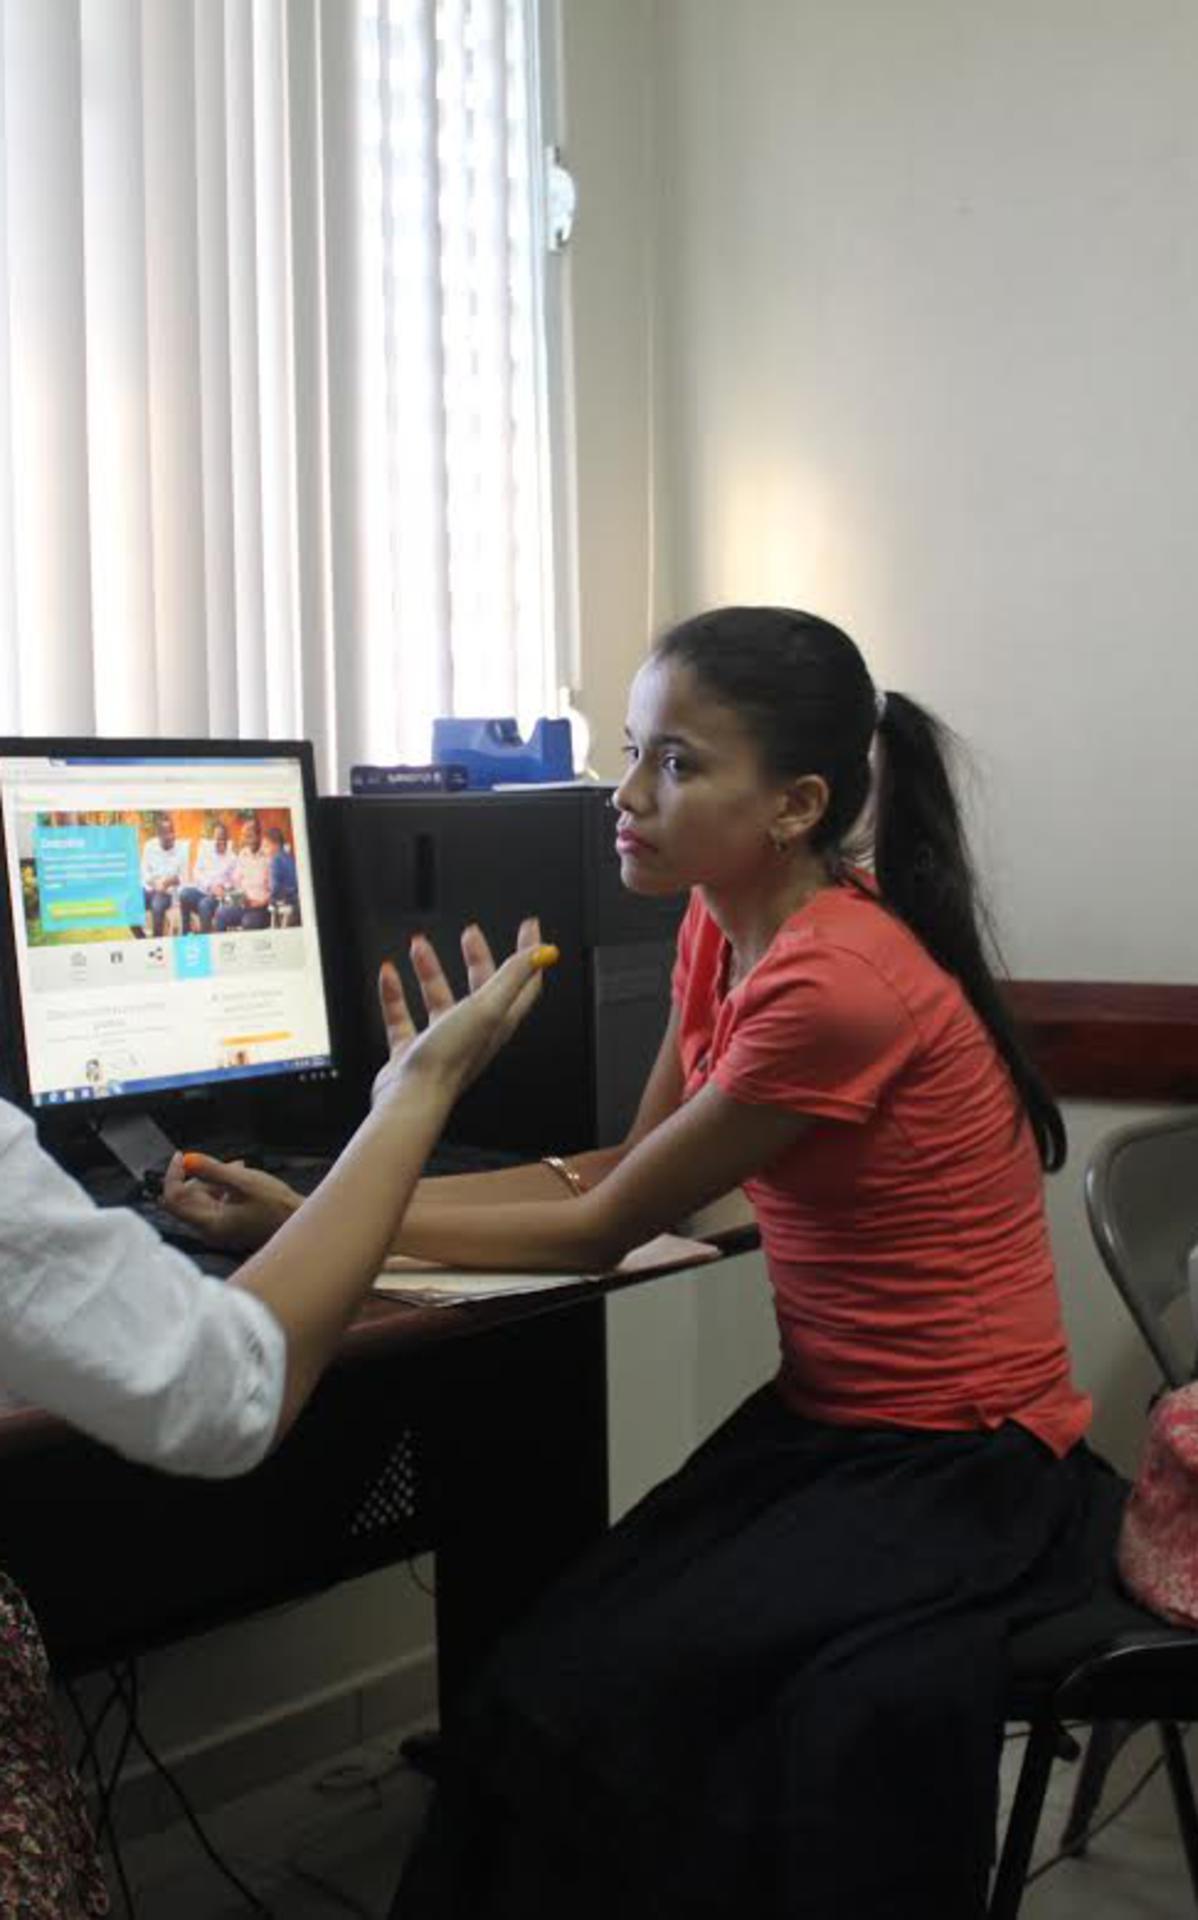 La hermana Santana mientras ofrecía información a miembros de la Iglesia interesados en el tema.jpg